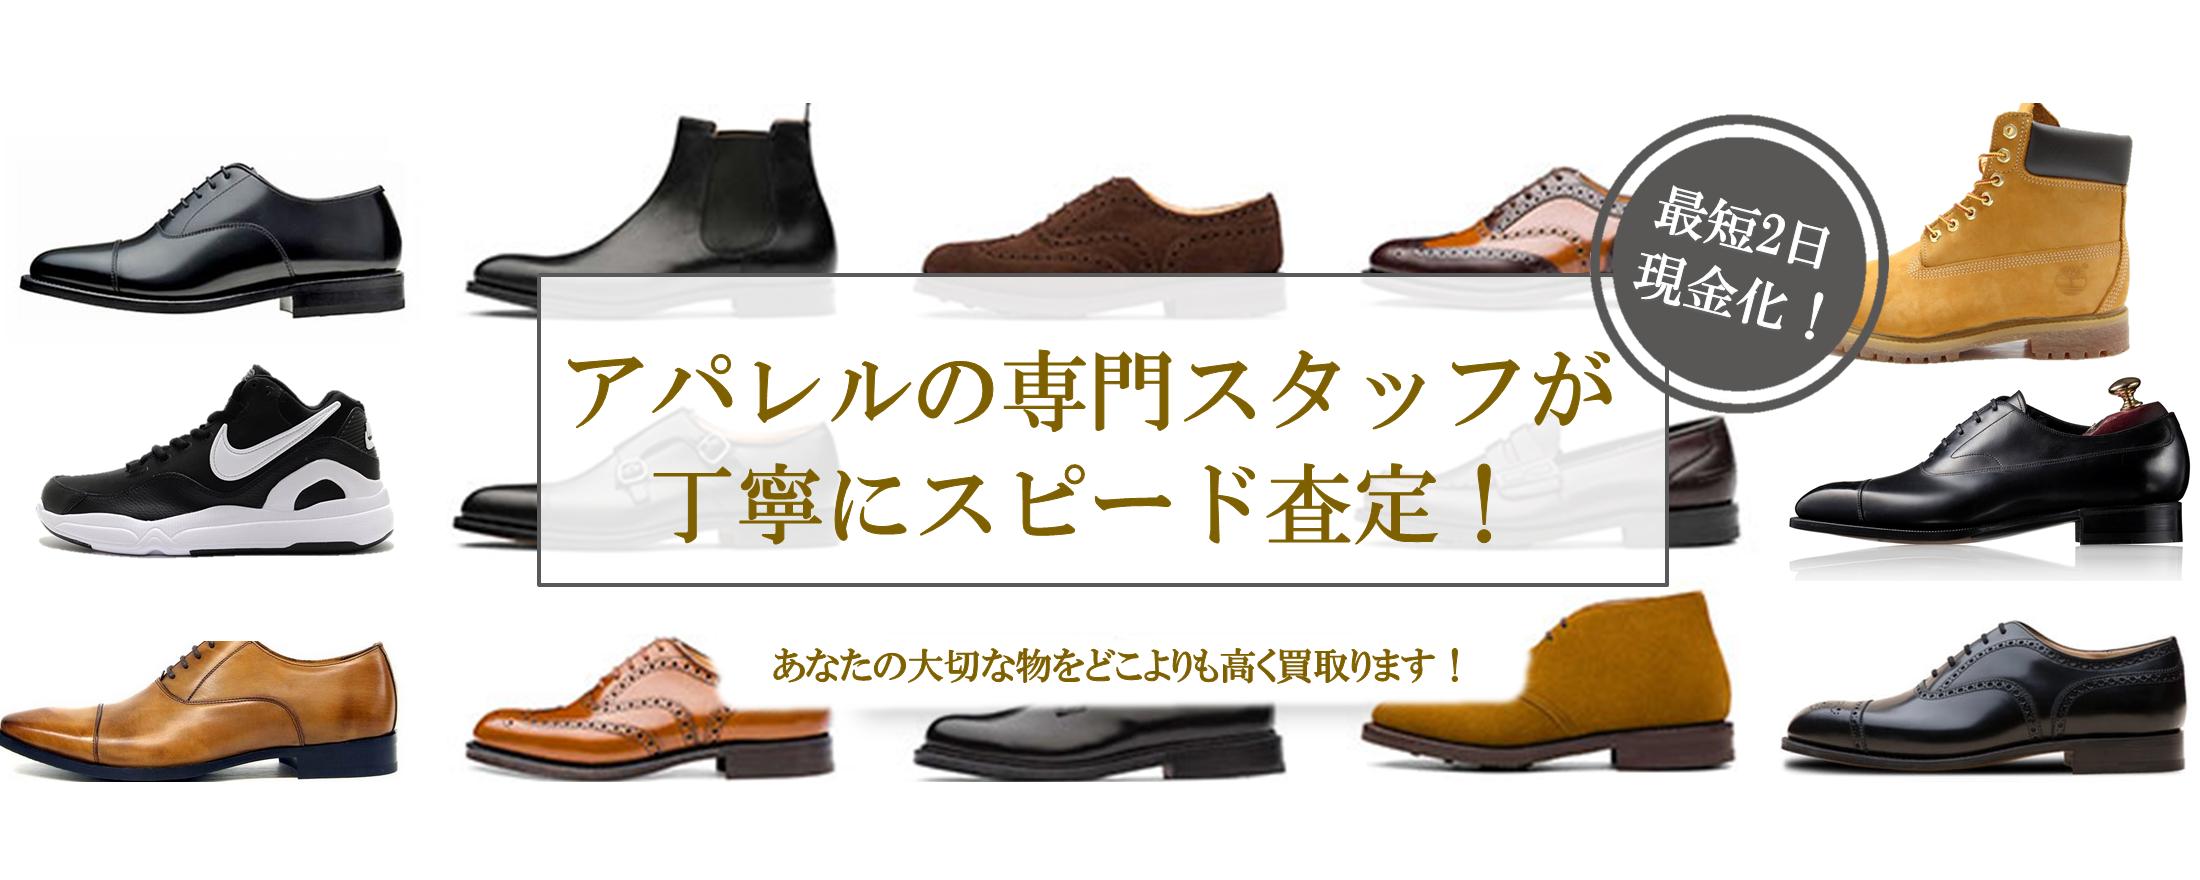 買取チョップ/メンズ靴画像